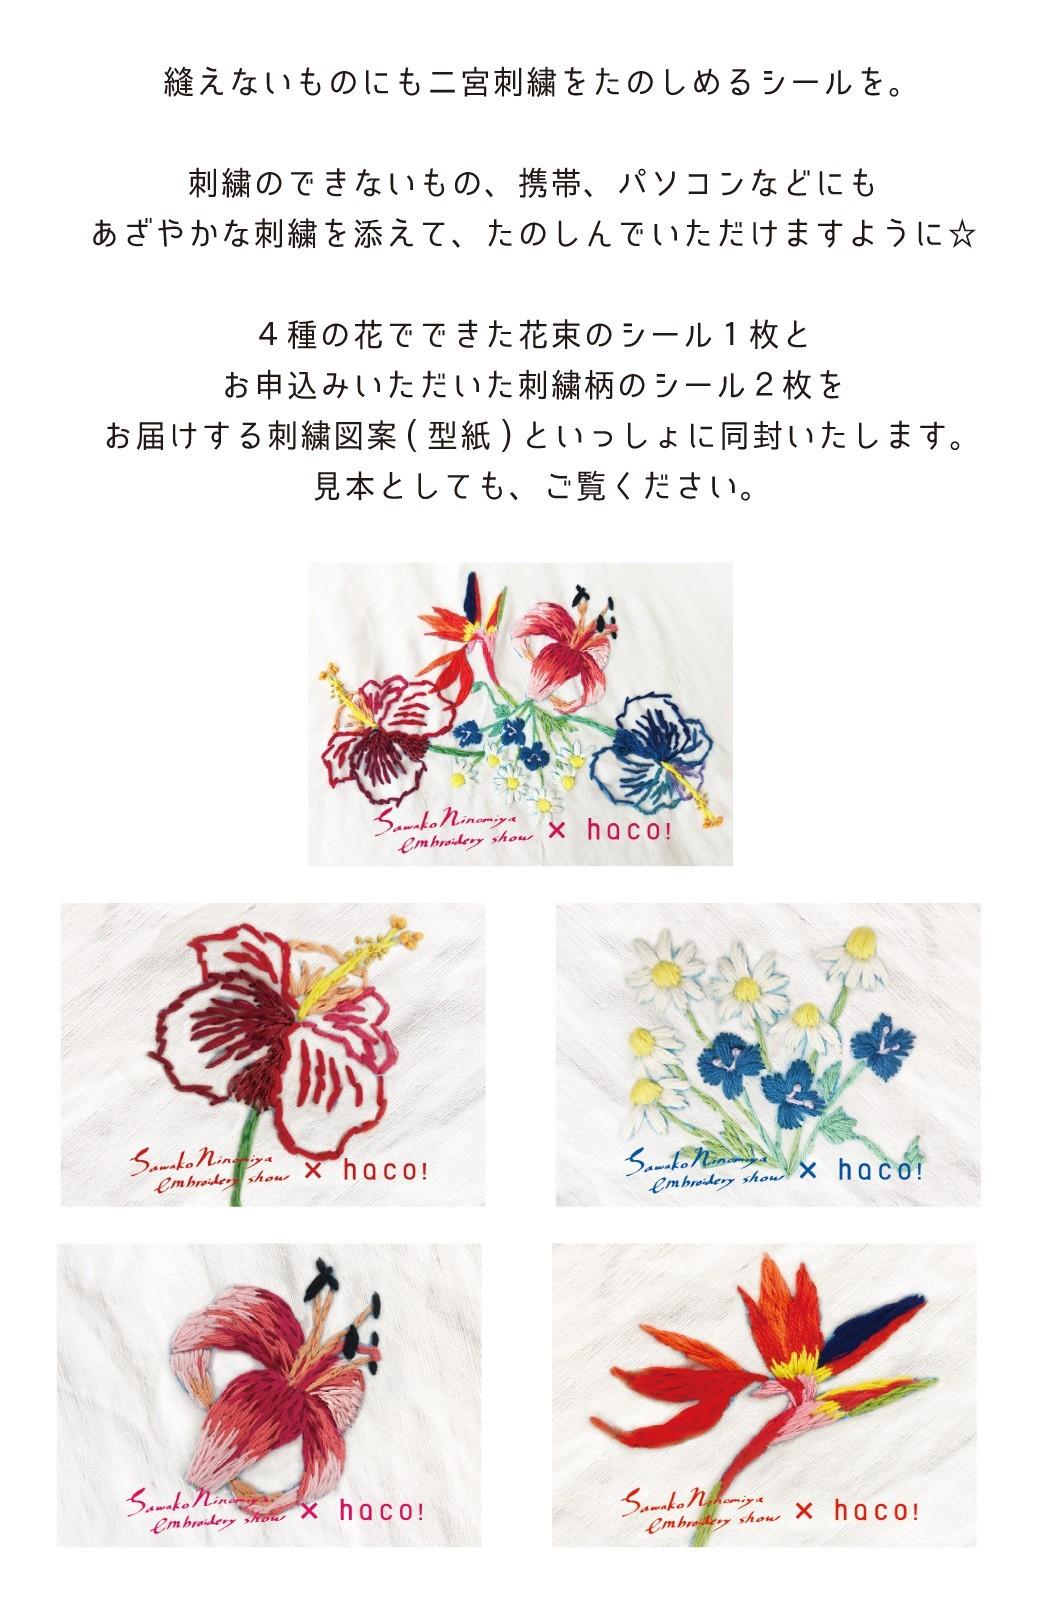 haco! haco! [haco! POST] 刺繍アーティスト二宮佐和子さんとみんなでワイワイ刺繍!zoom縫いワークショップ参加チケット 6/21・6/24開催<micro macro> <その他>の商品写真7